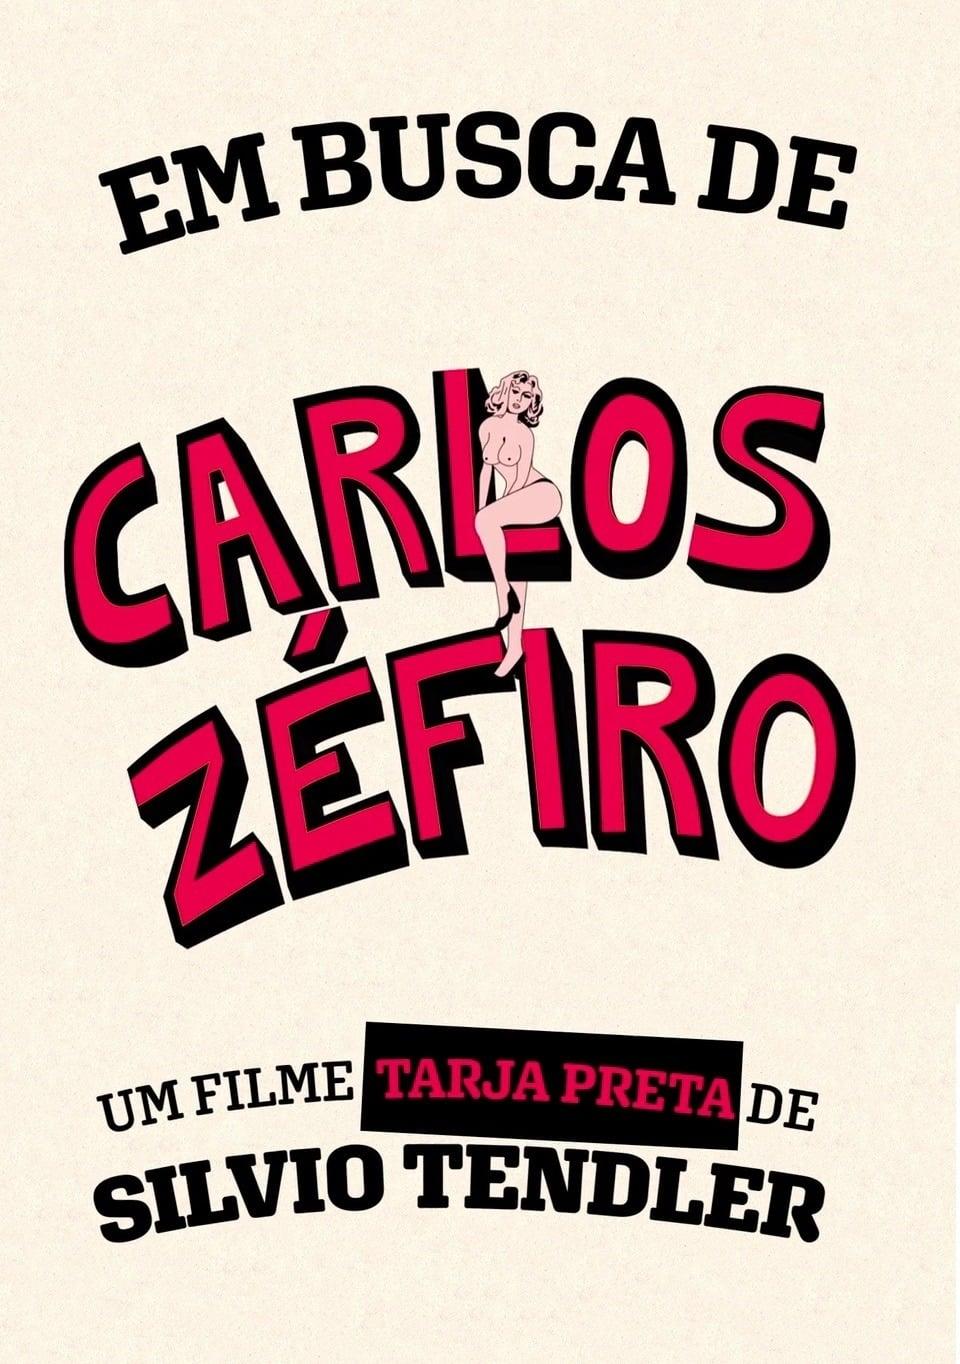 Em Busca de Carlos Zéfiro